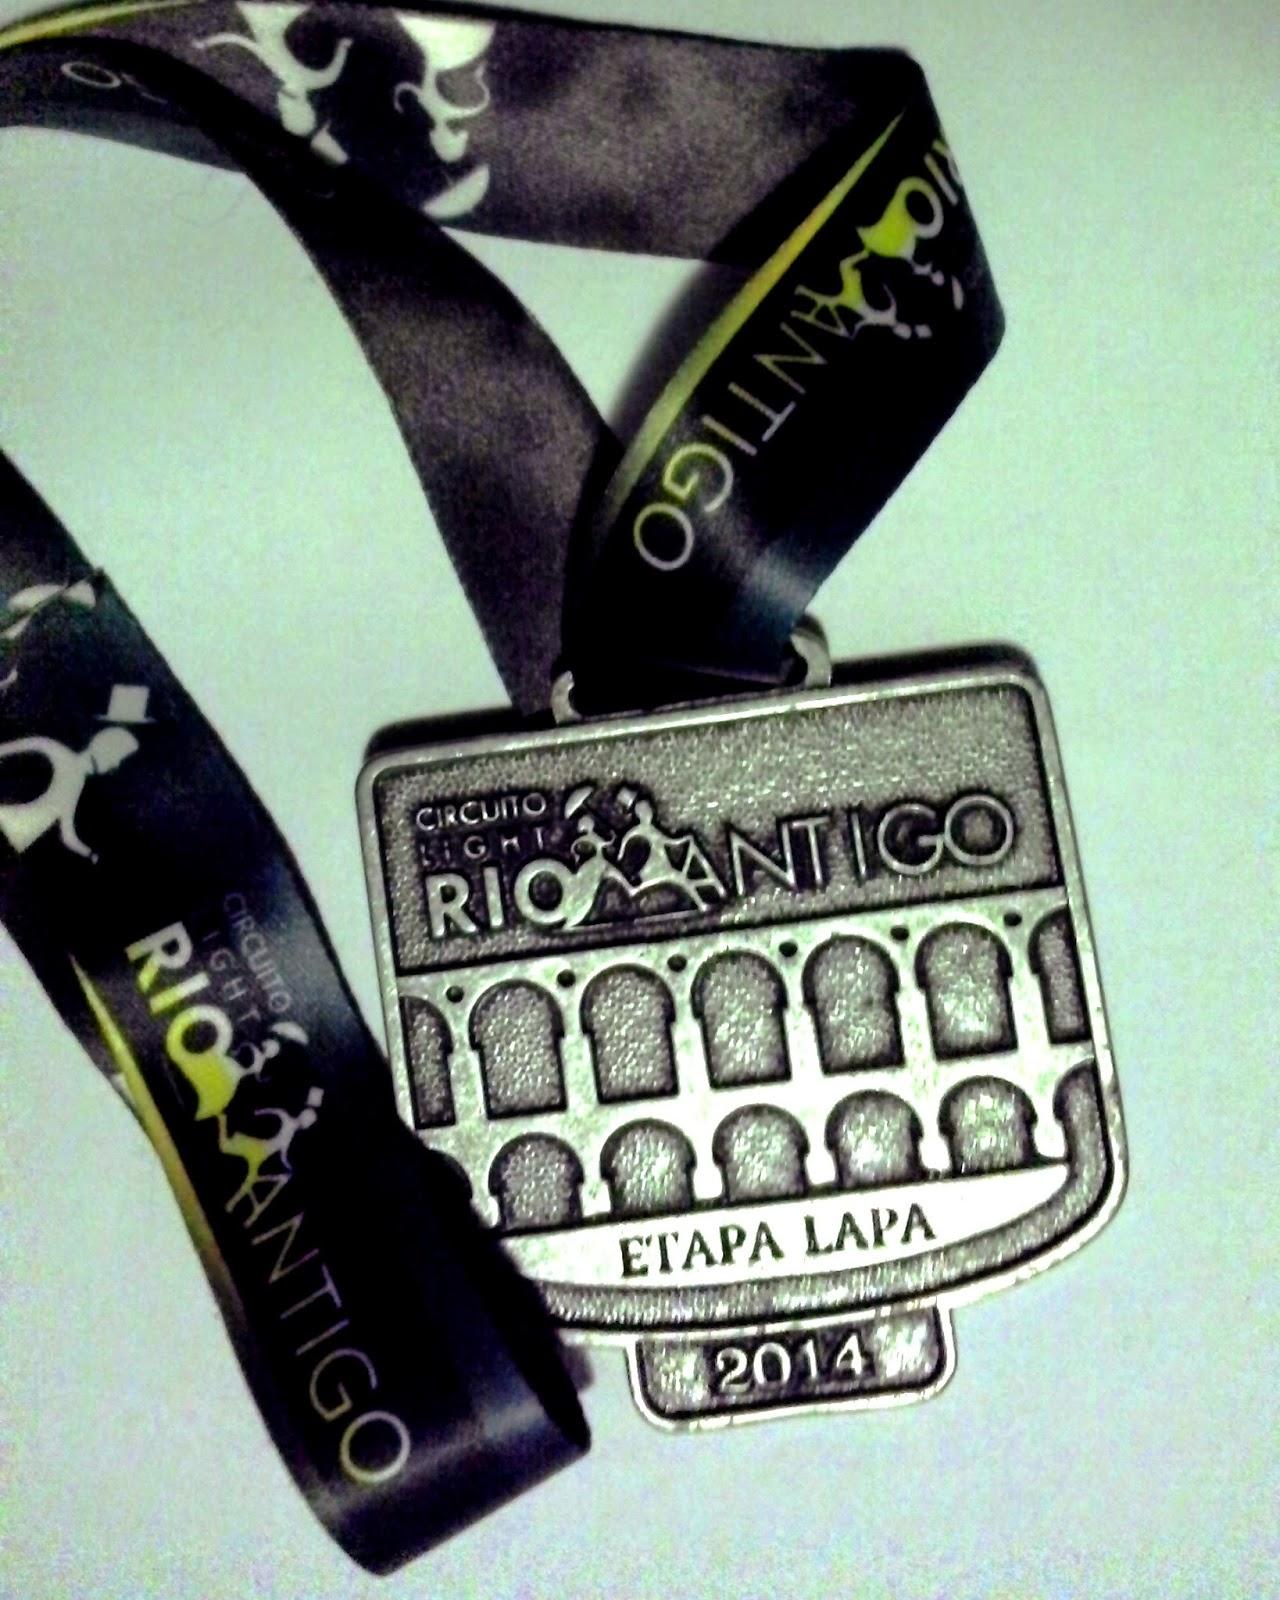 Circuito Rio Antigo : A appai a corrida da mulher e a etapa lapa do circuito light rio antigo